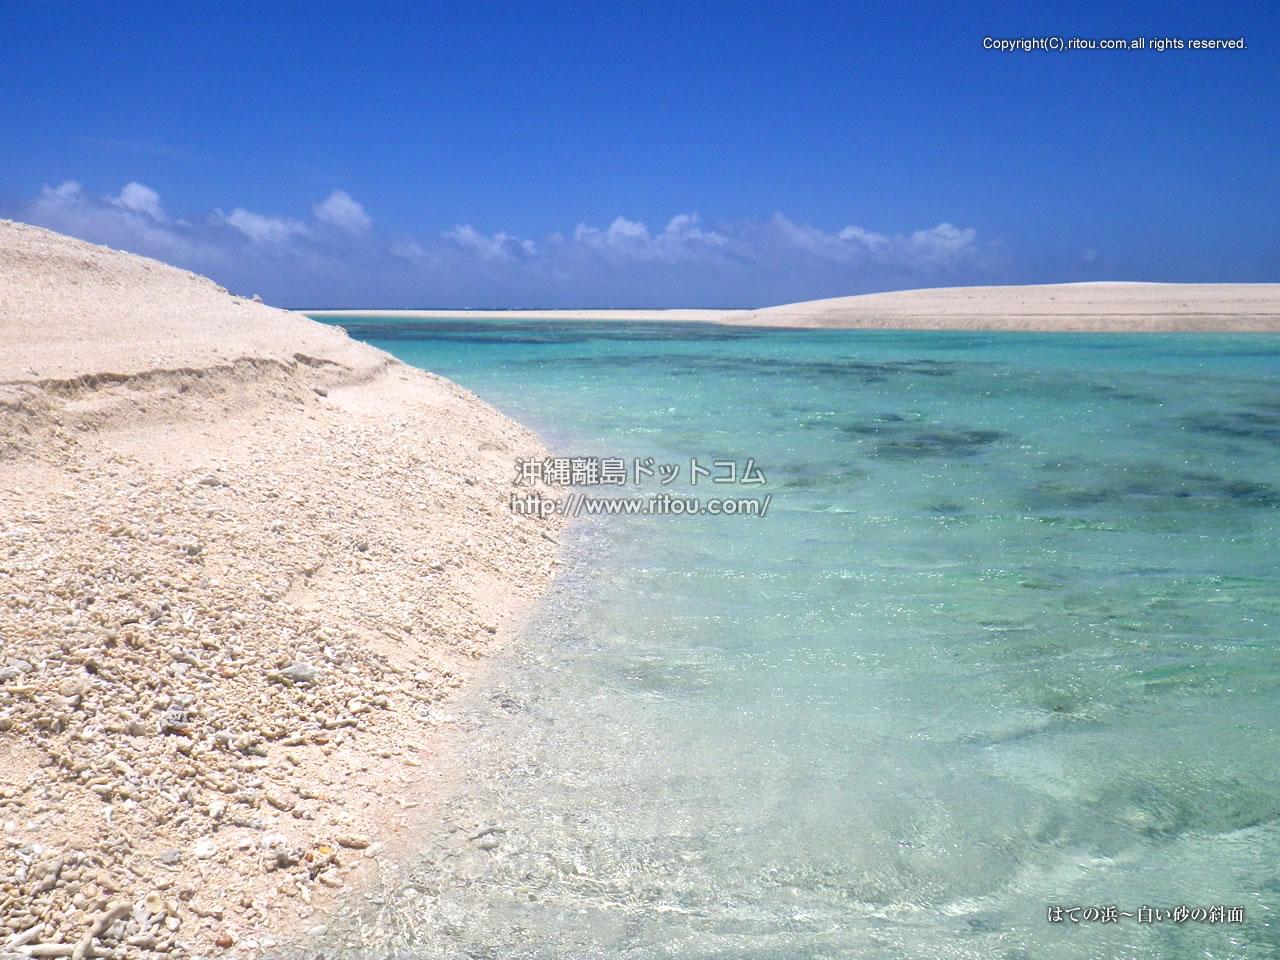 はての浜〜白い砂の斜面